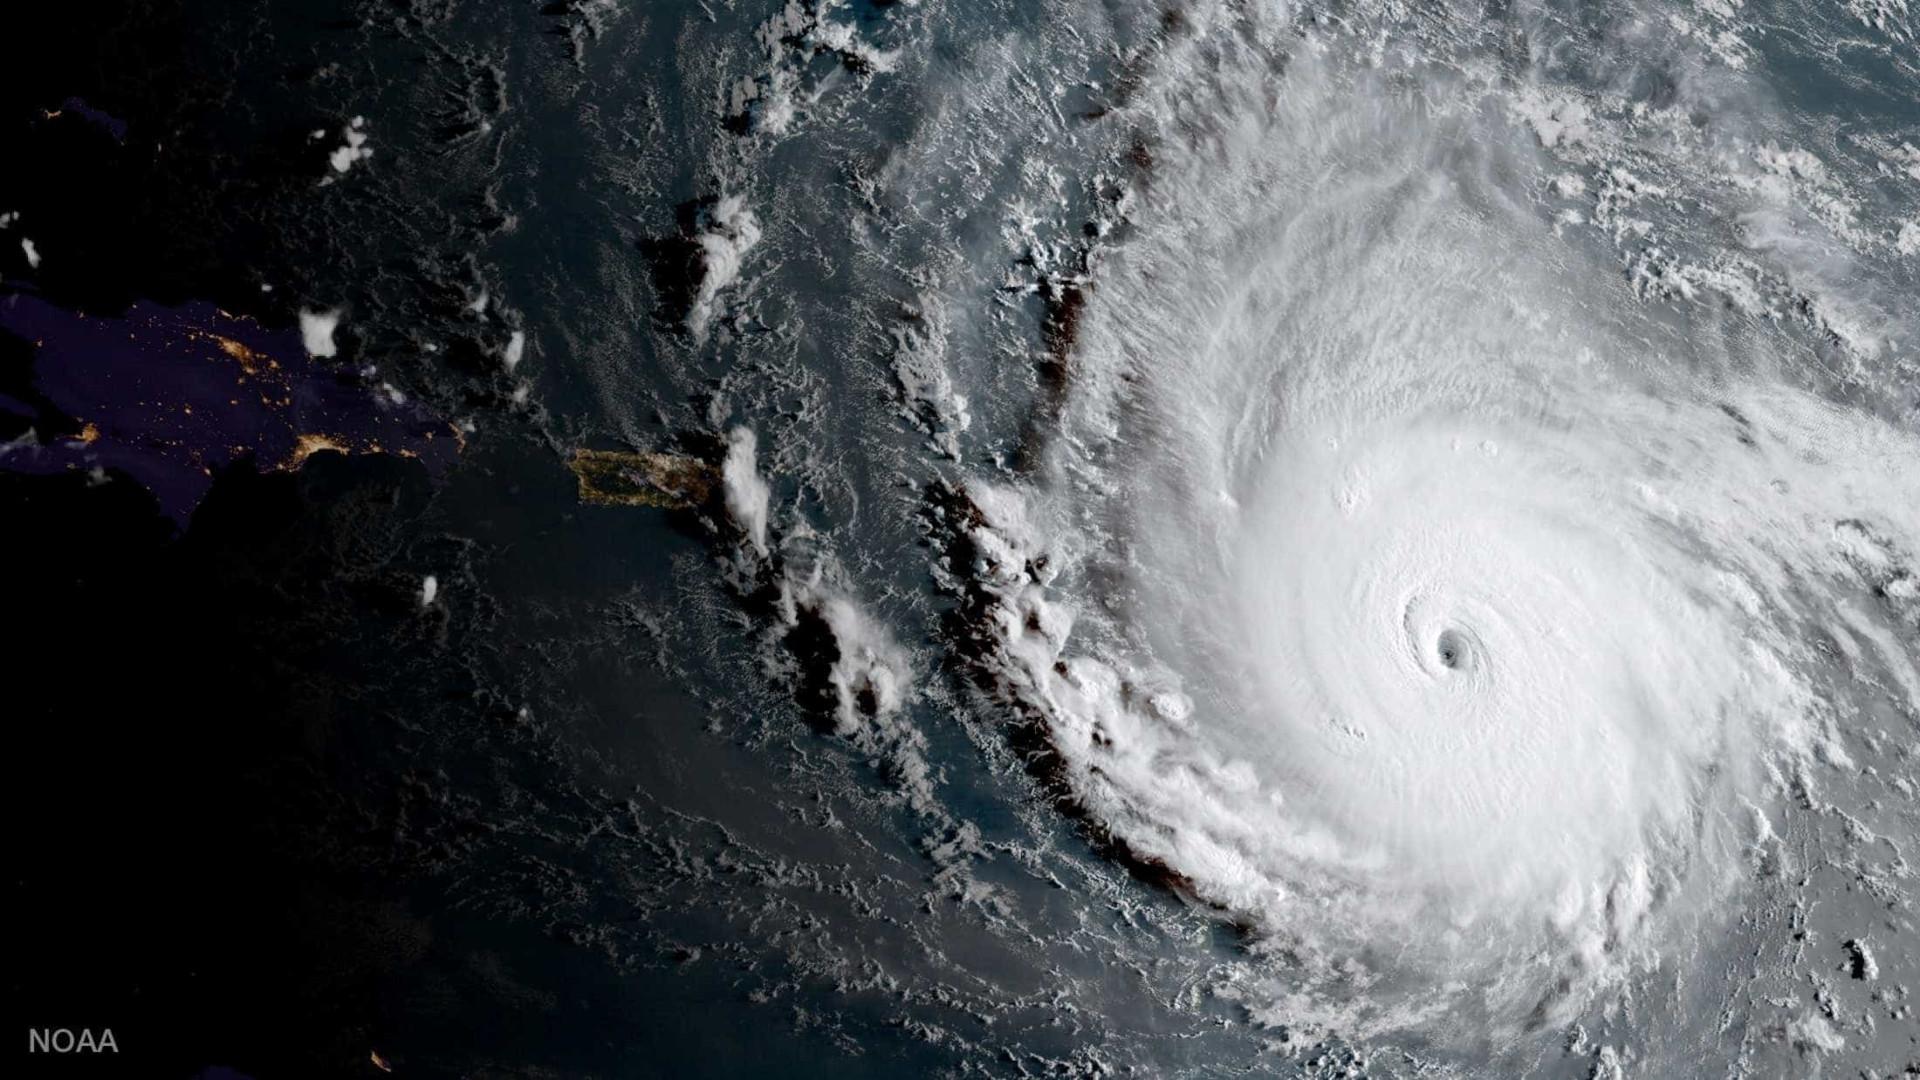 Haiti declara alerta vermelho por furacão Irma